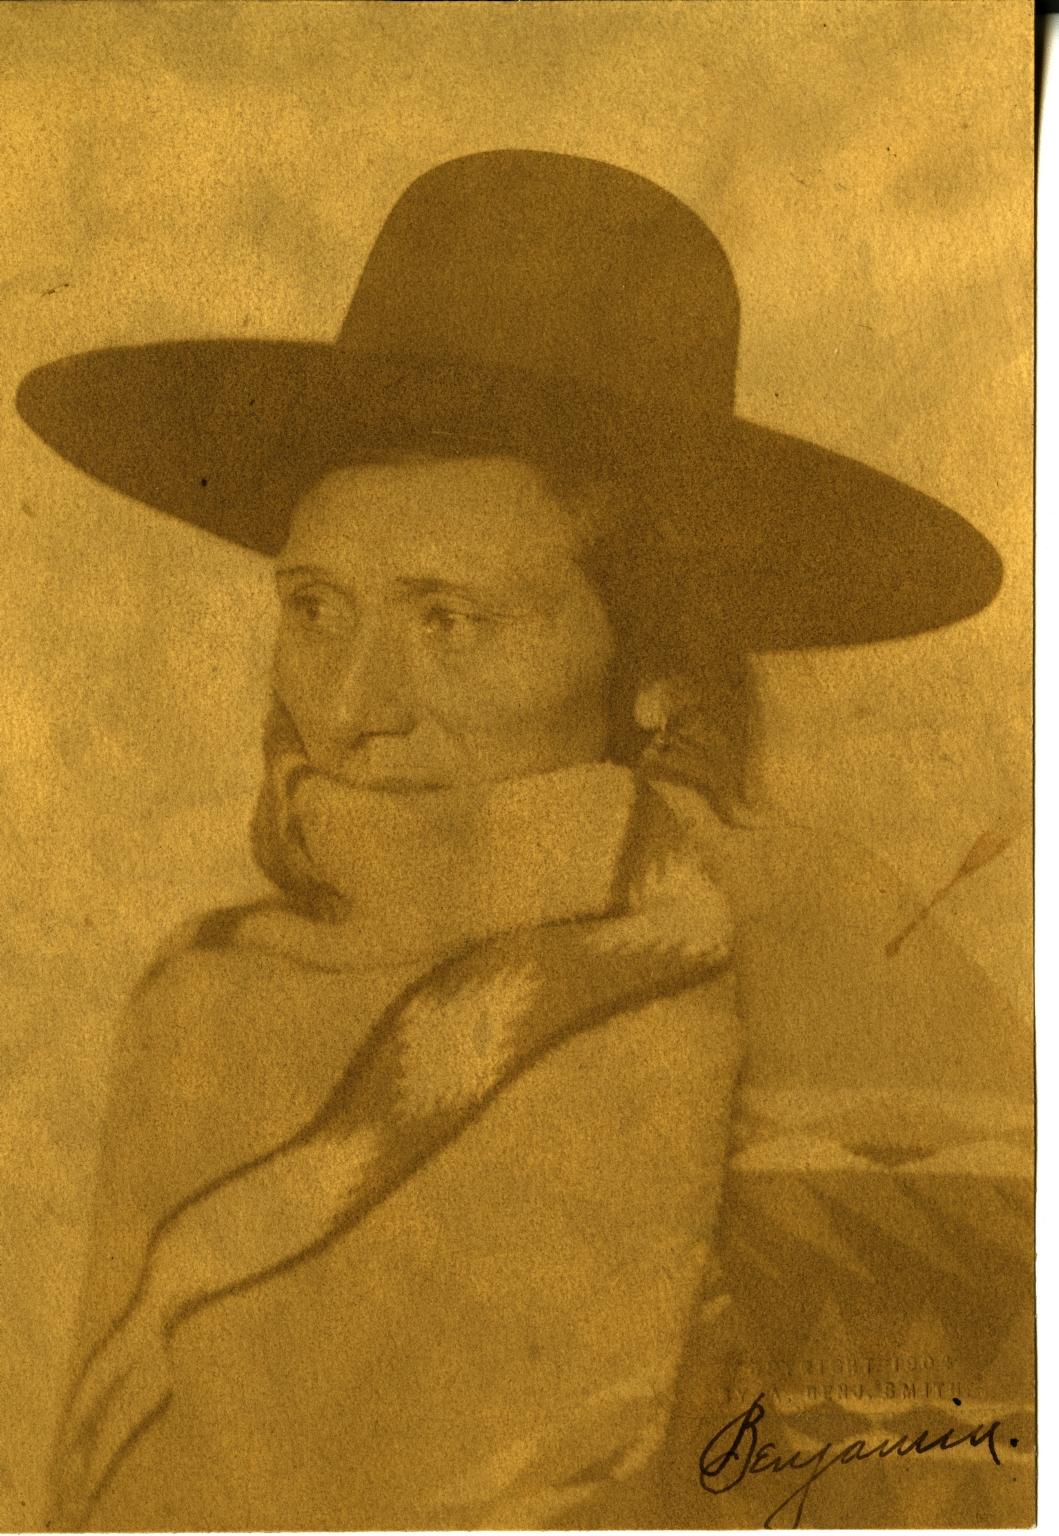 Indian man wearing hat